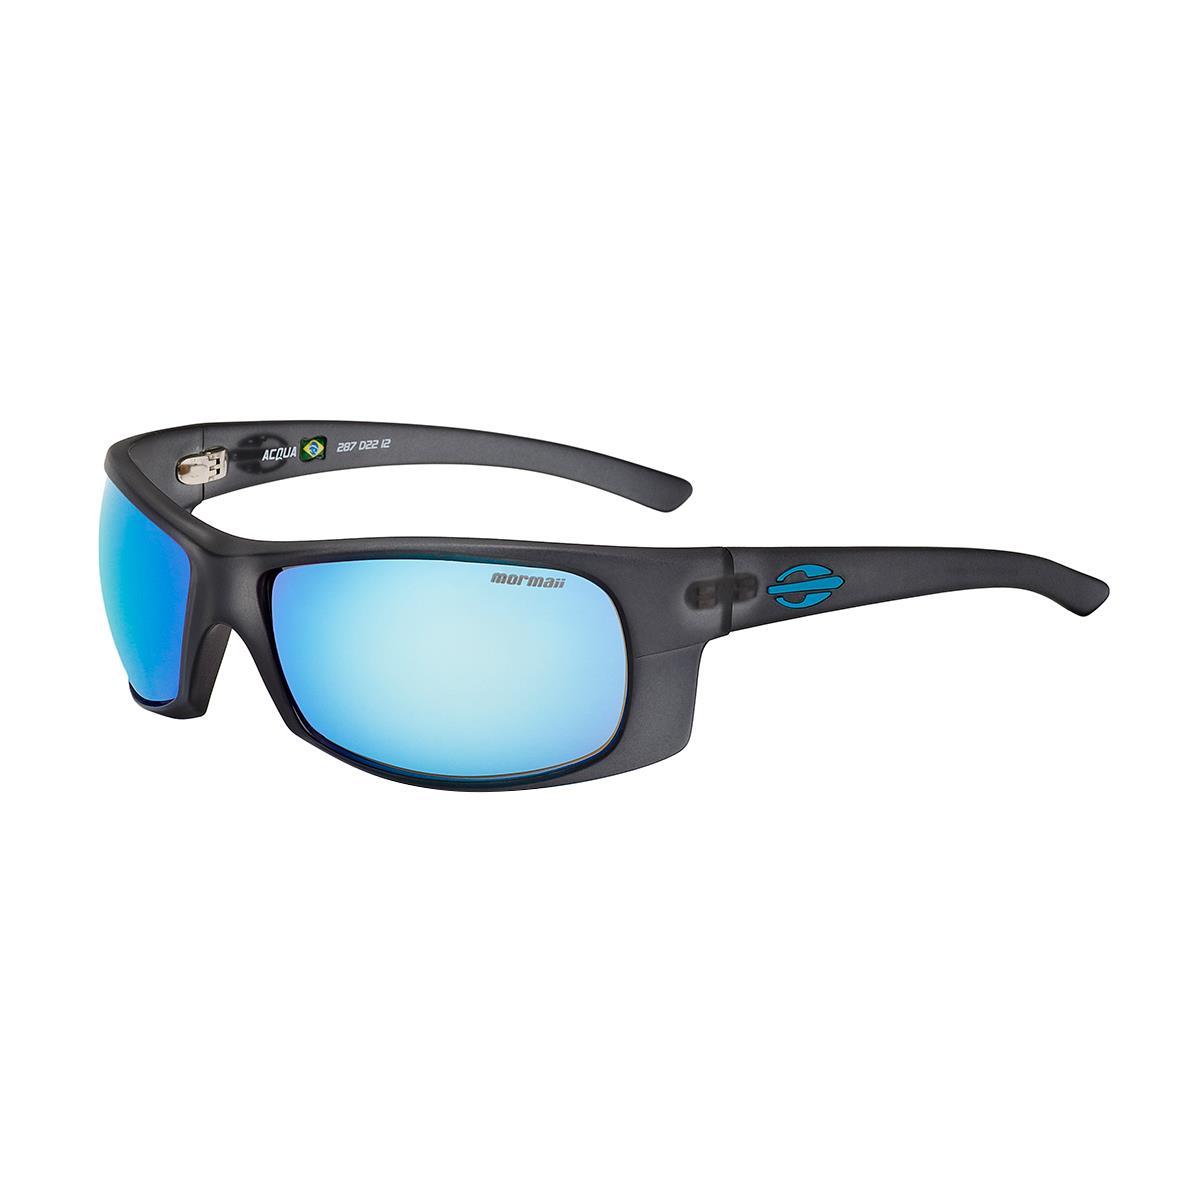 2ec51e053eef1 13217967 oculos-de-sol-acqua-fume-fosco-lente-cinza-azul-mormaii -209453 z1 636318239248284000.jpg